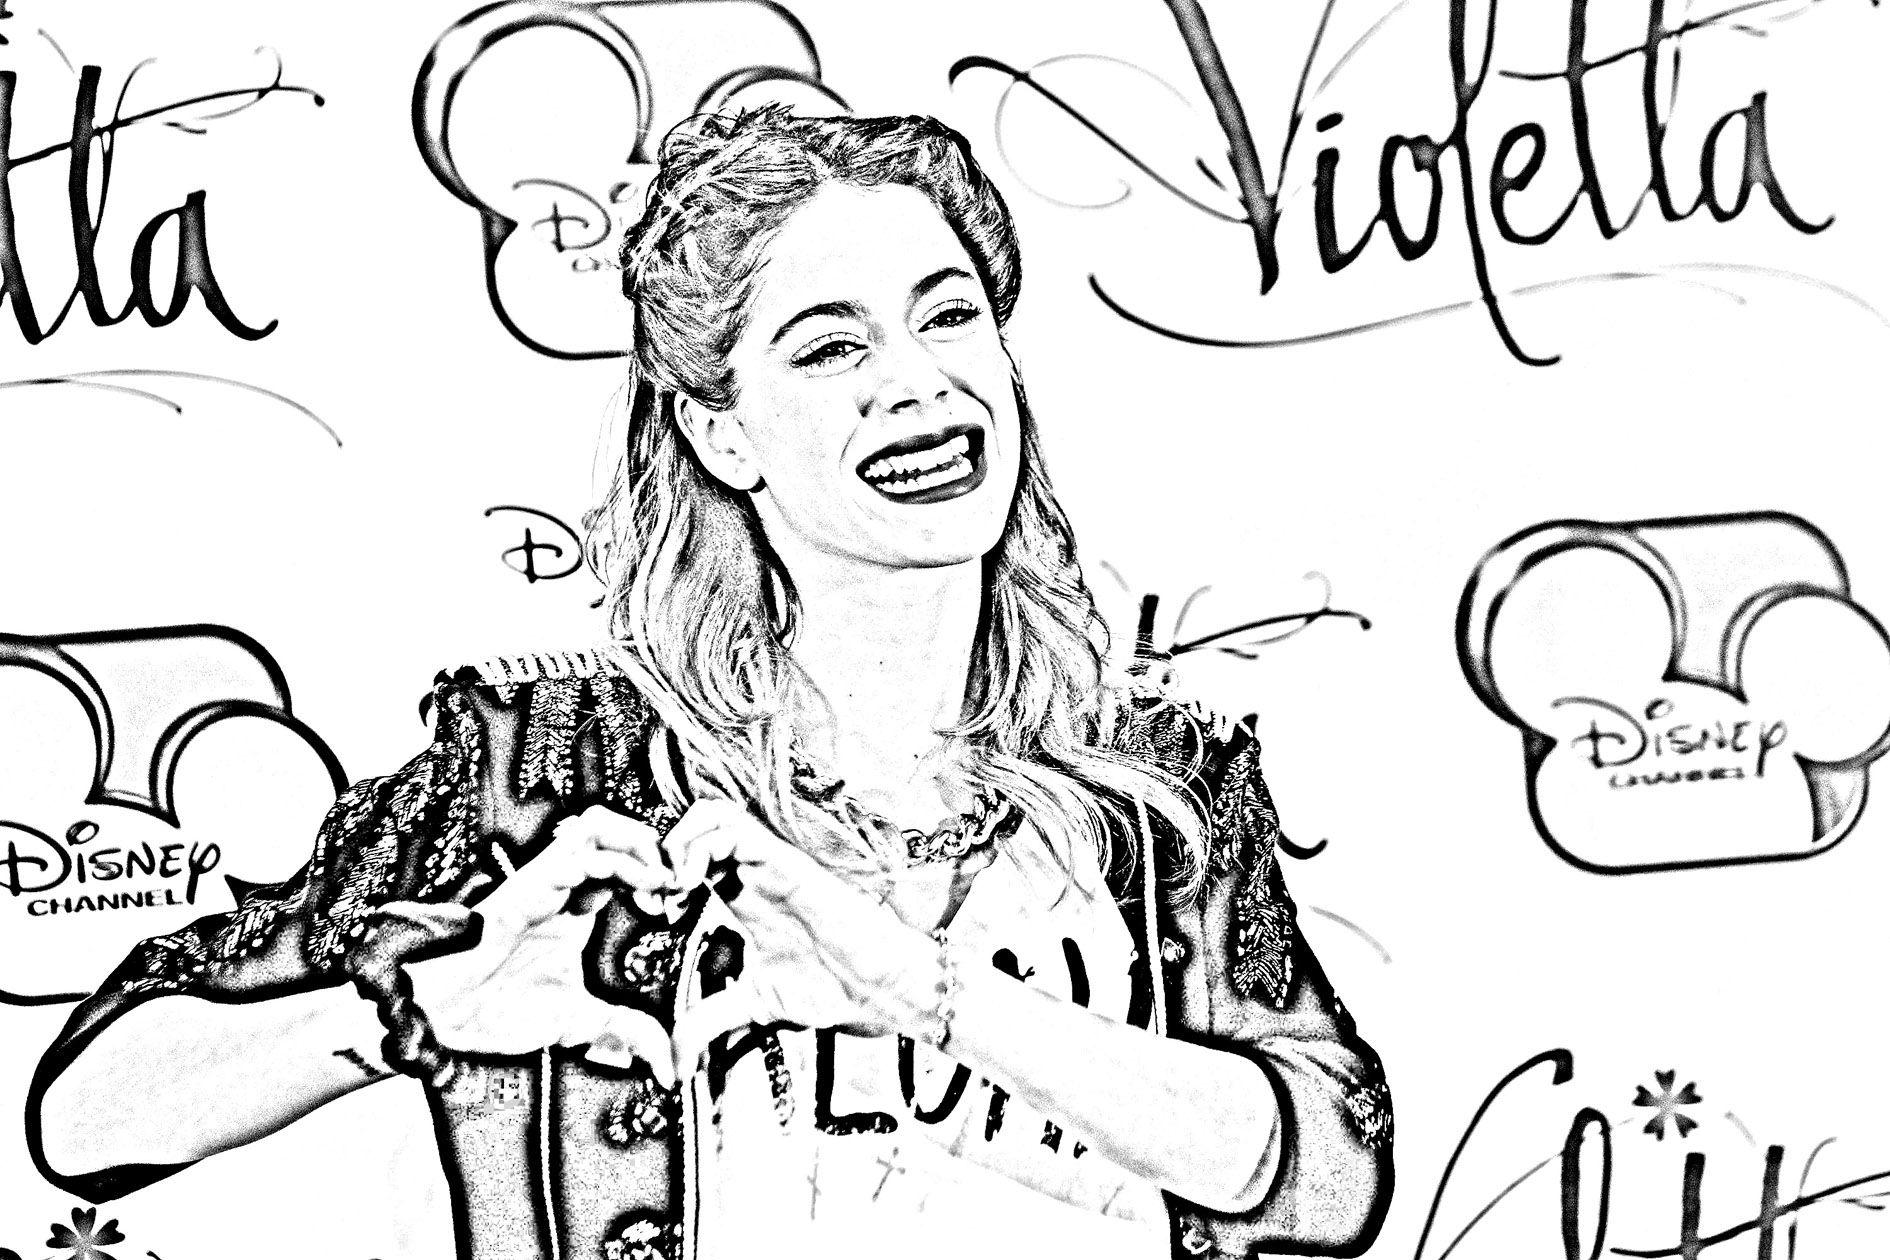 pour imprimer ce coloriage gratuit coloriage martina stoessel coeur cliquez - Coloriage Gratuit Violetta